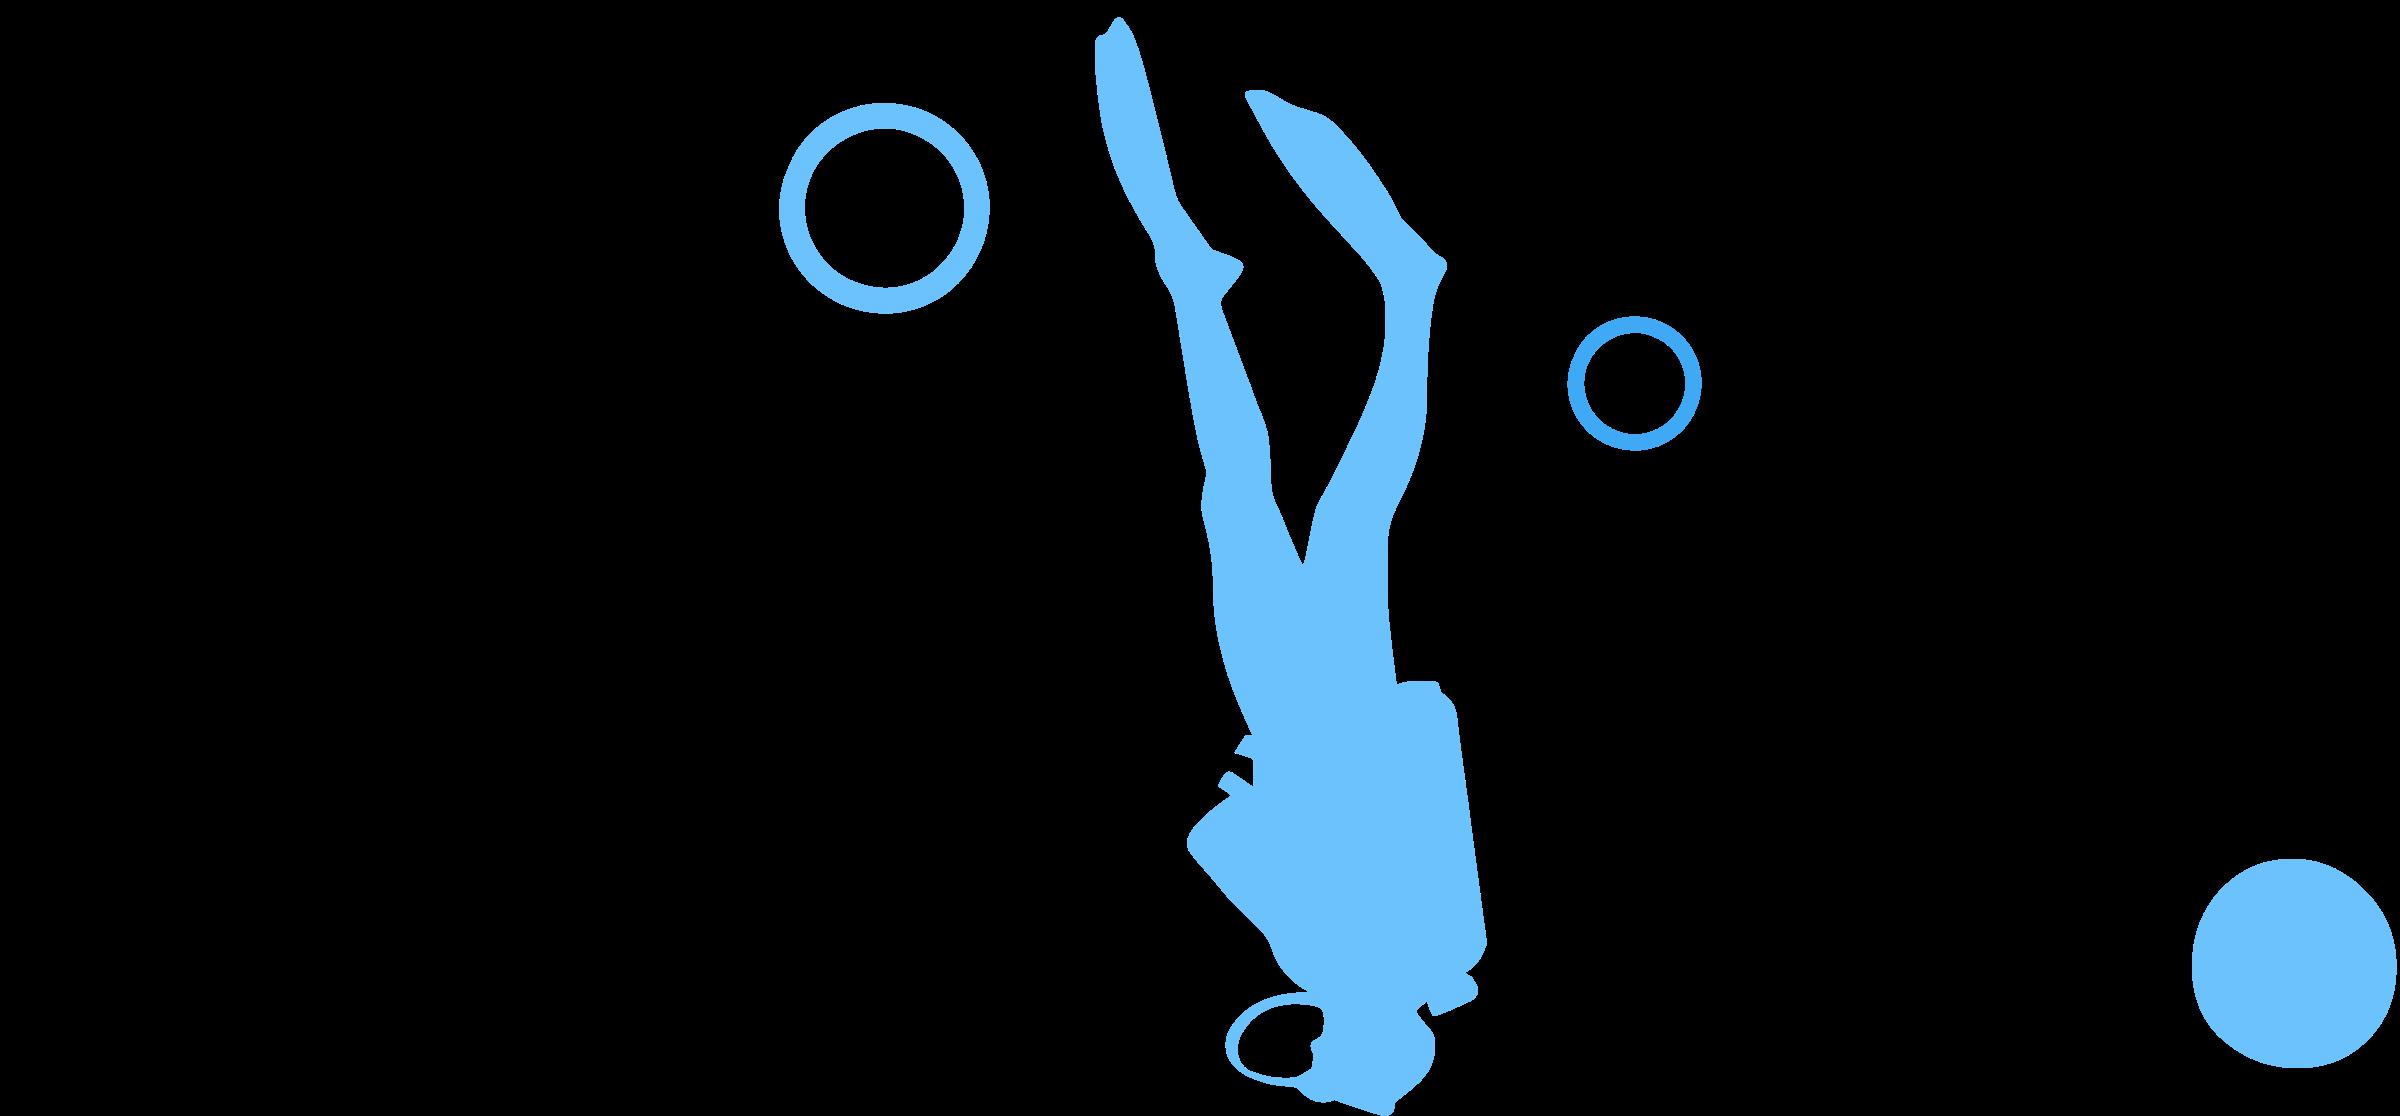 Dive.ma Logo PNG Transparent & SVG Vector.